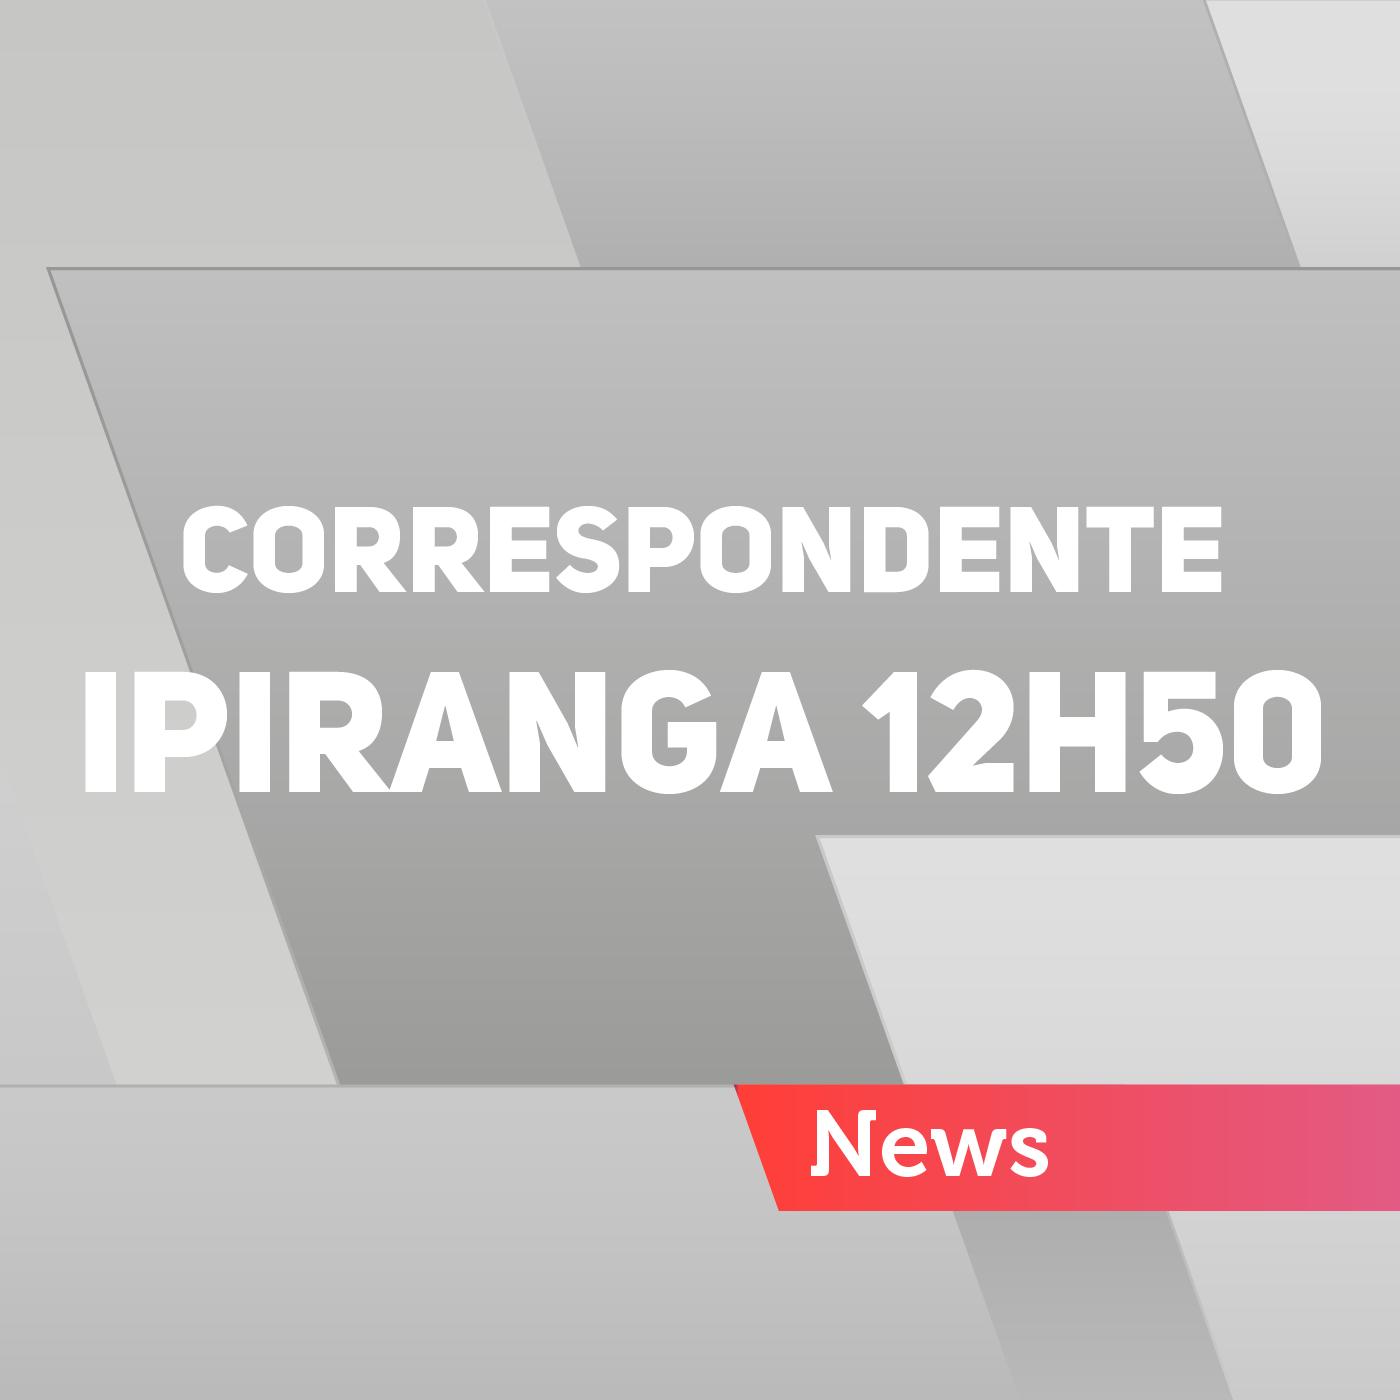 Correspondente Ipiranga 12h50 – 22/09/2017